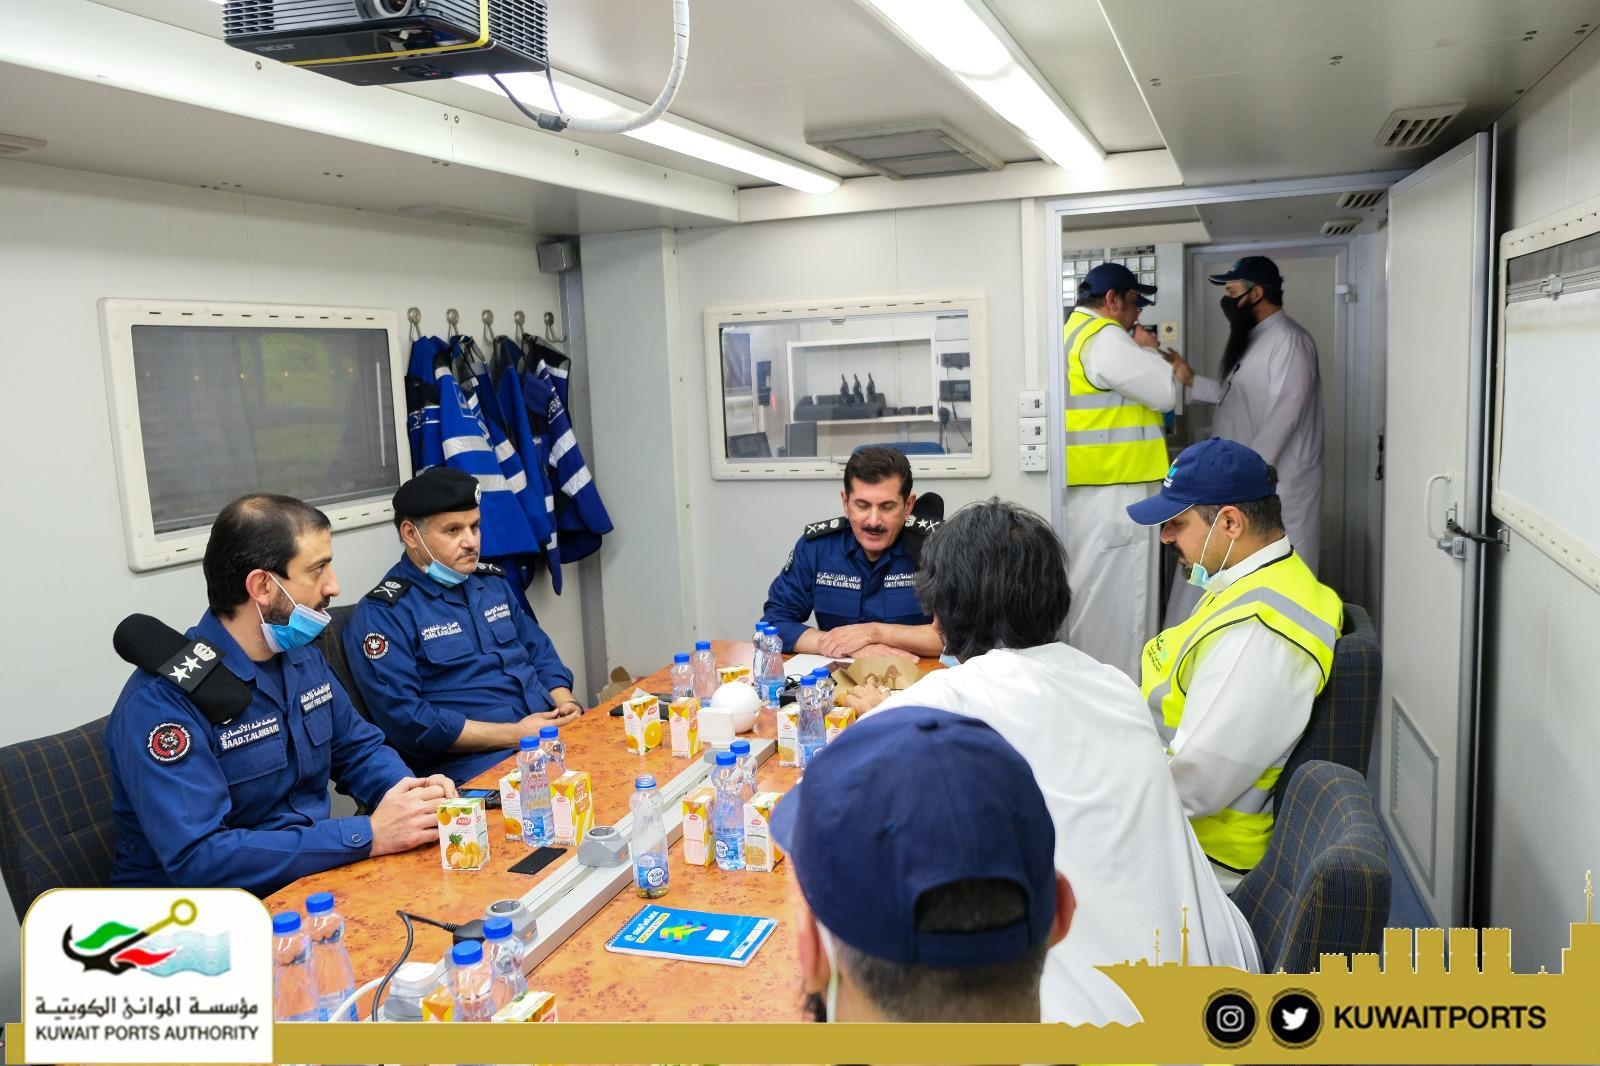 العبدالله يبحث والمكراد المراحل الأخيرة لإخماد حريق ميناء عبدالله